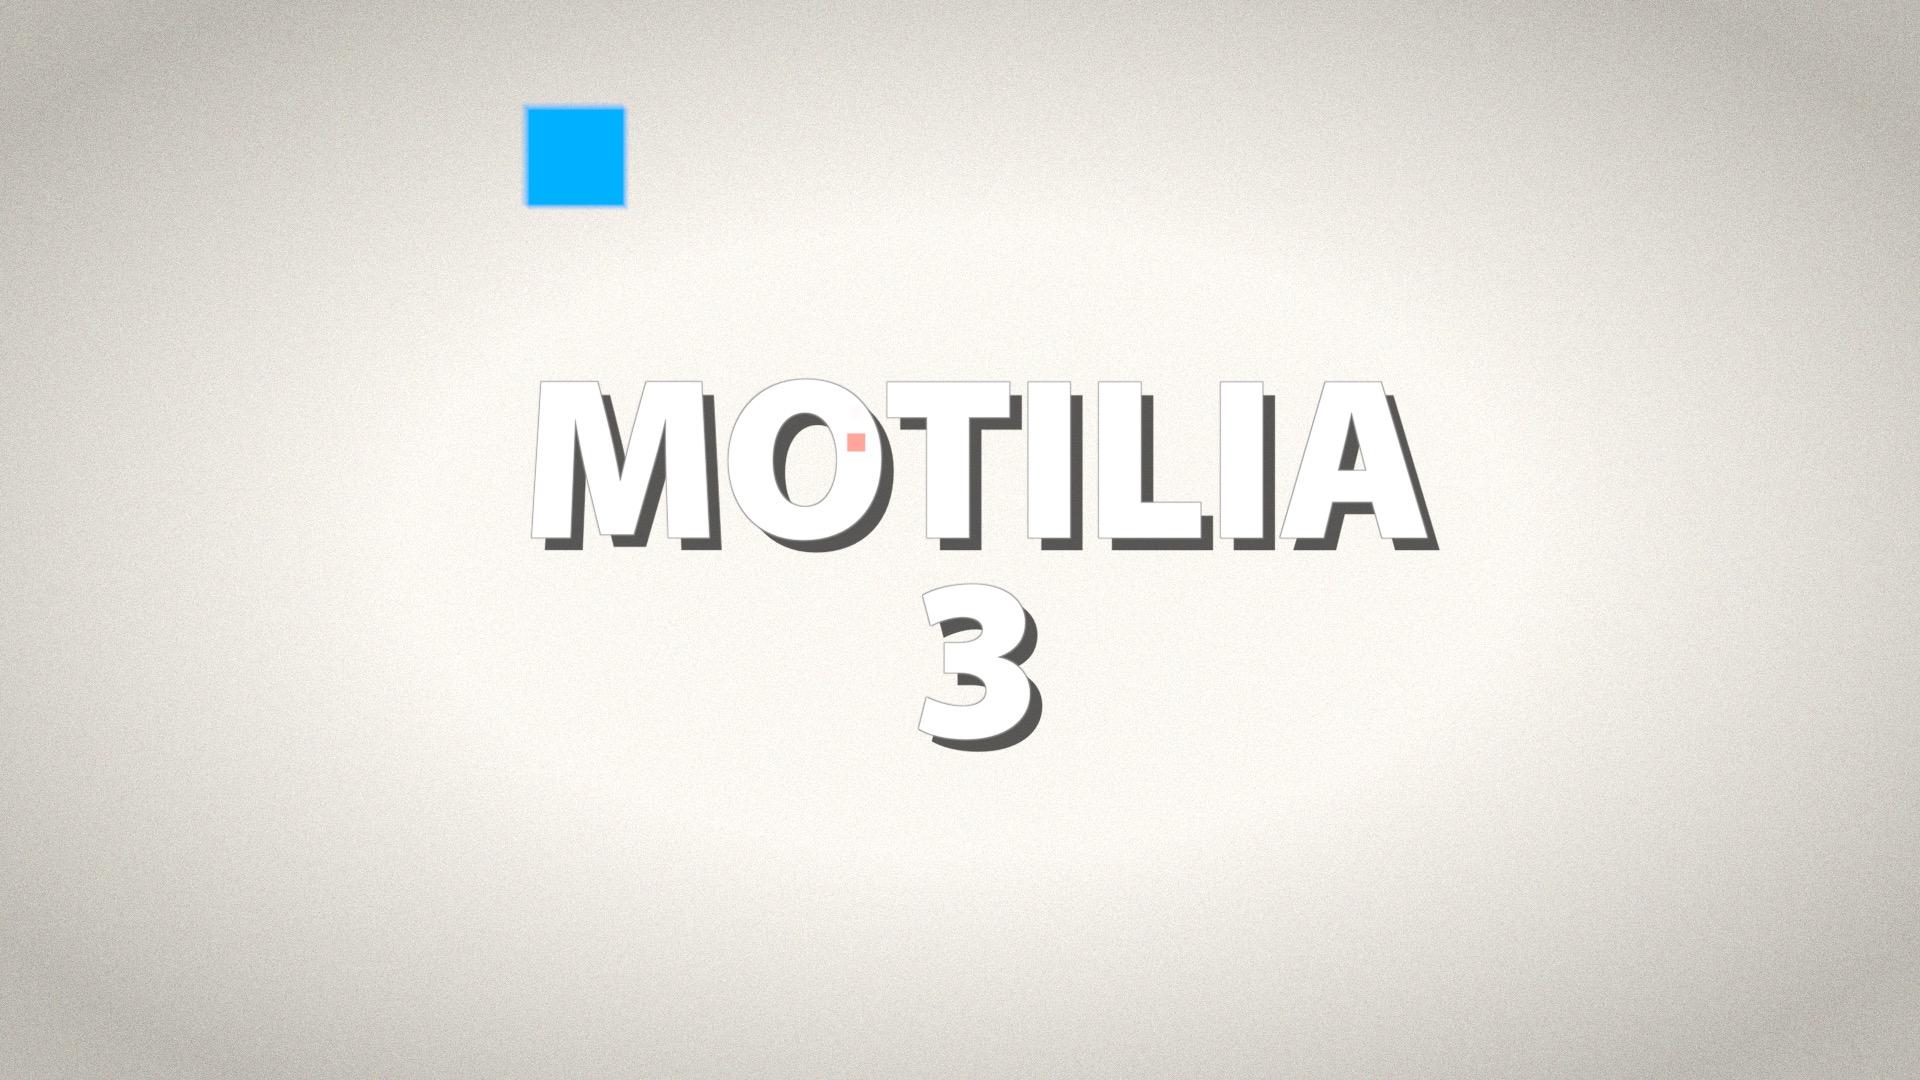 Motilia 3